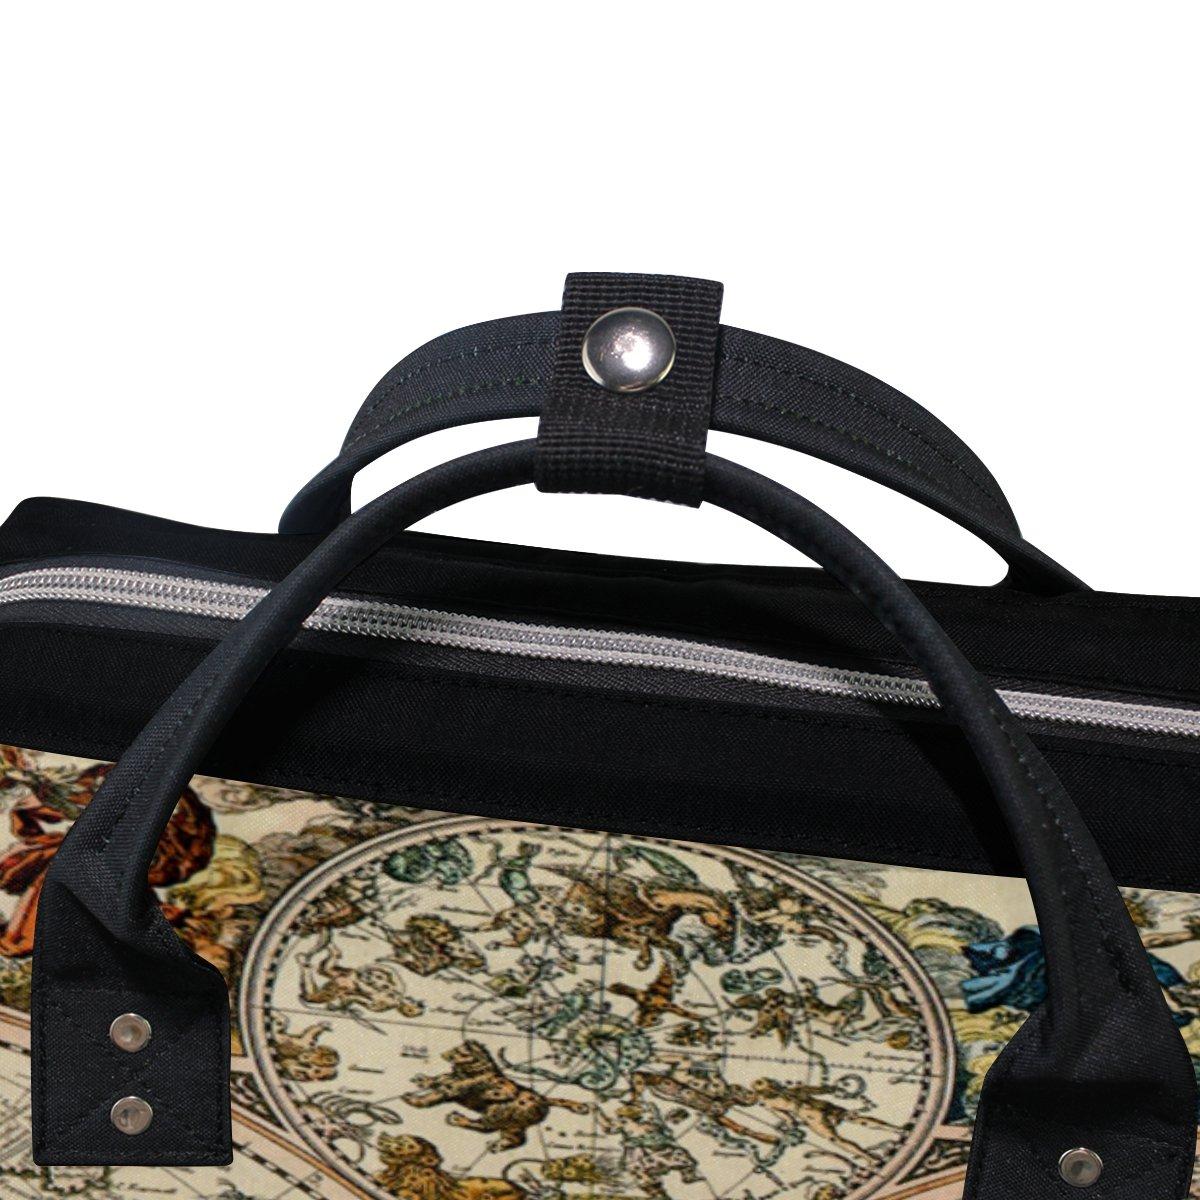 COOSUN Vintage Mapa Mochila bolsa de pa/ñales de gran capacidad Muti-funci/ón del recorrido del morral Grande multicolor